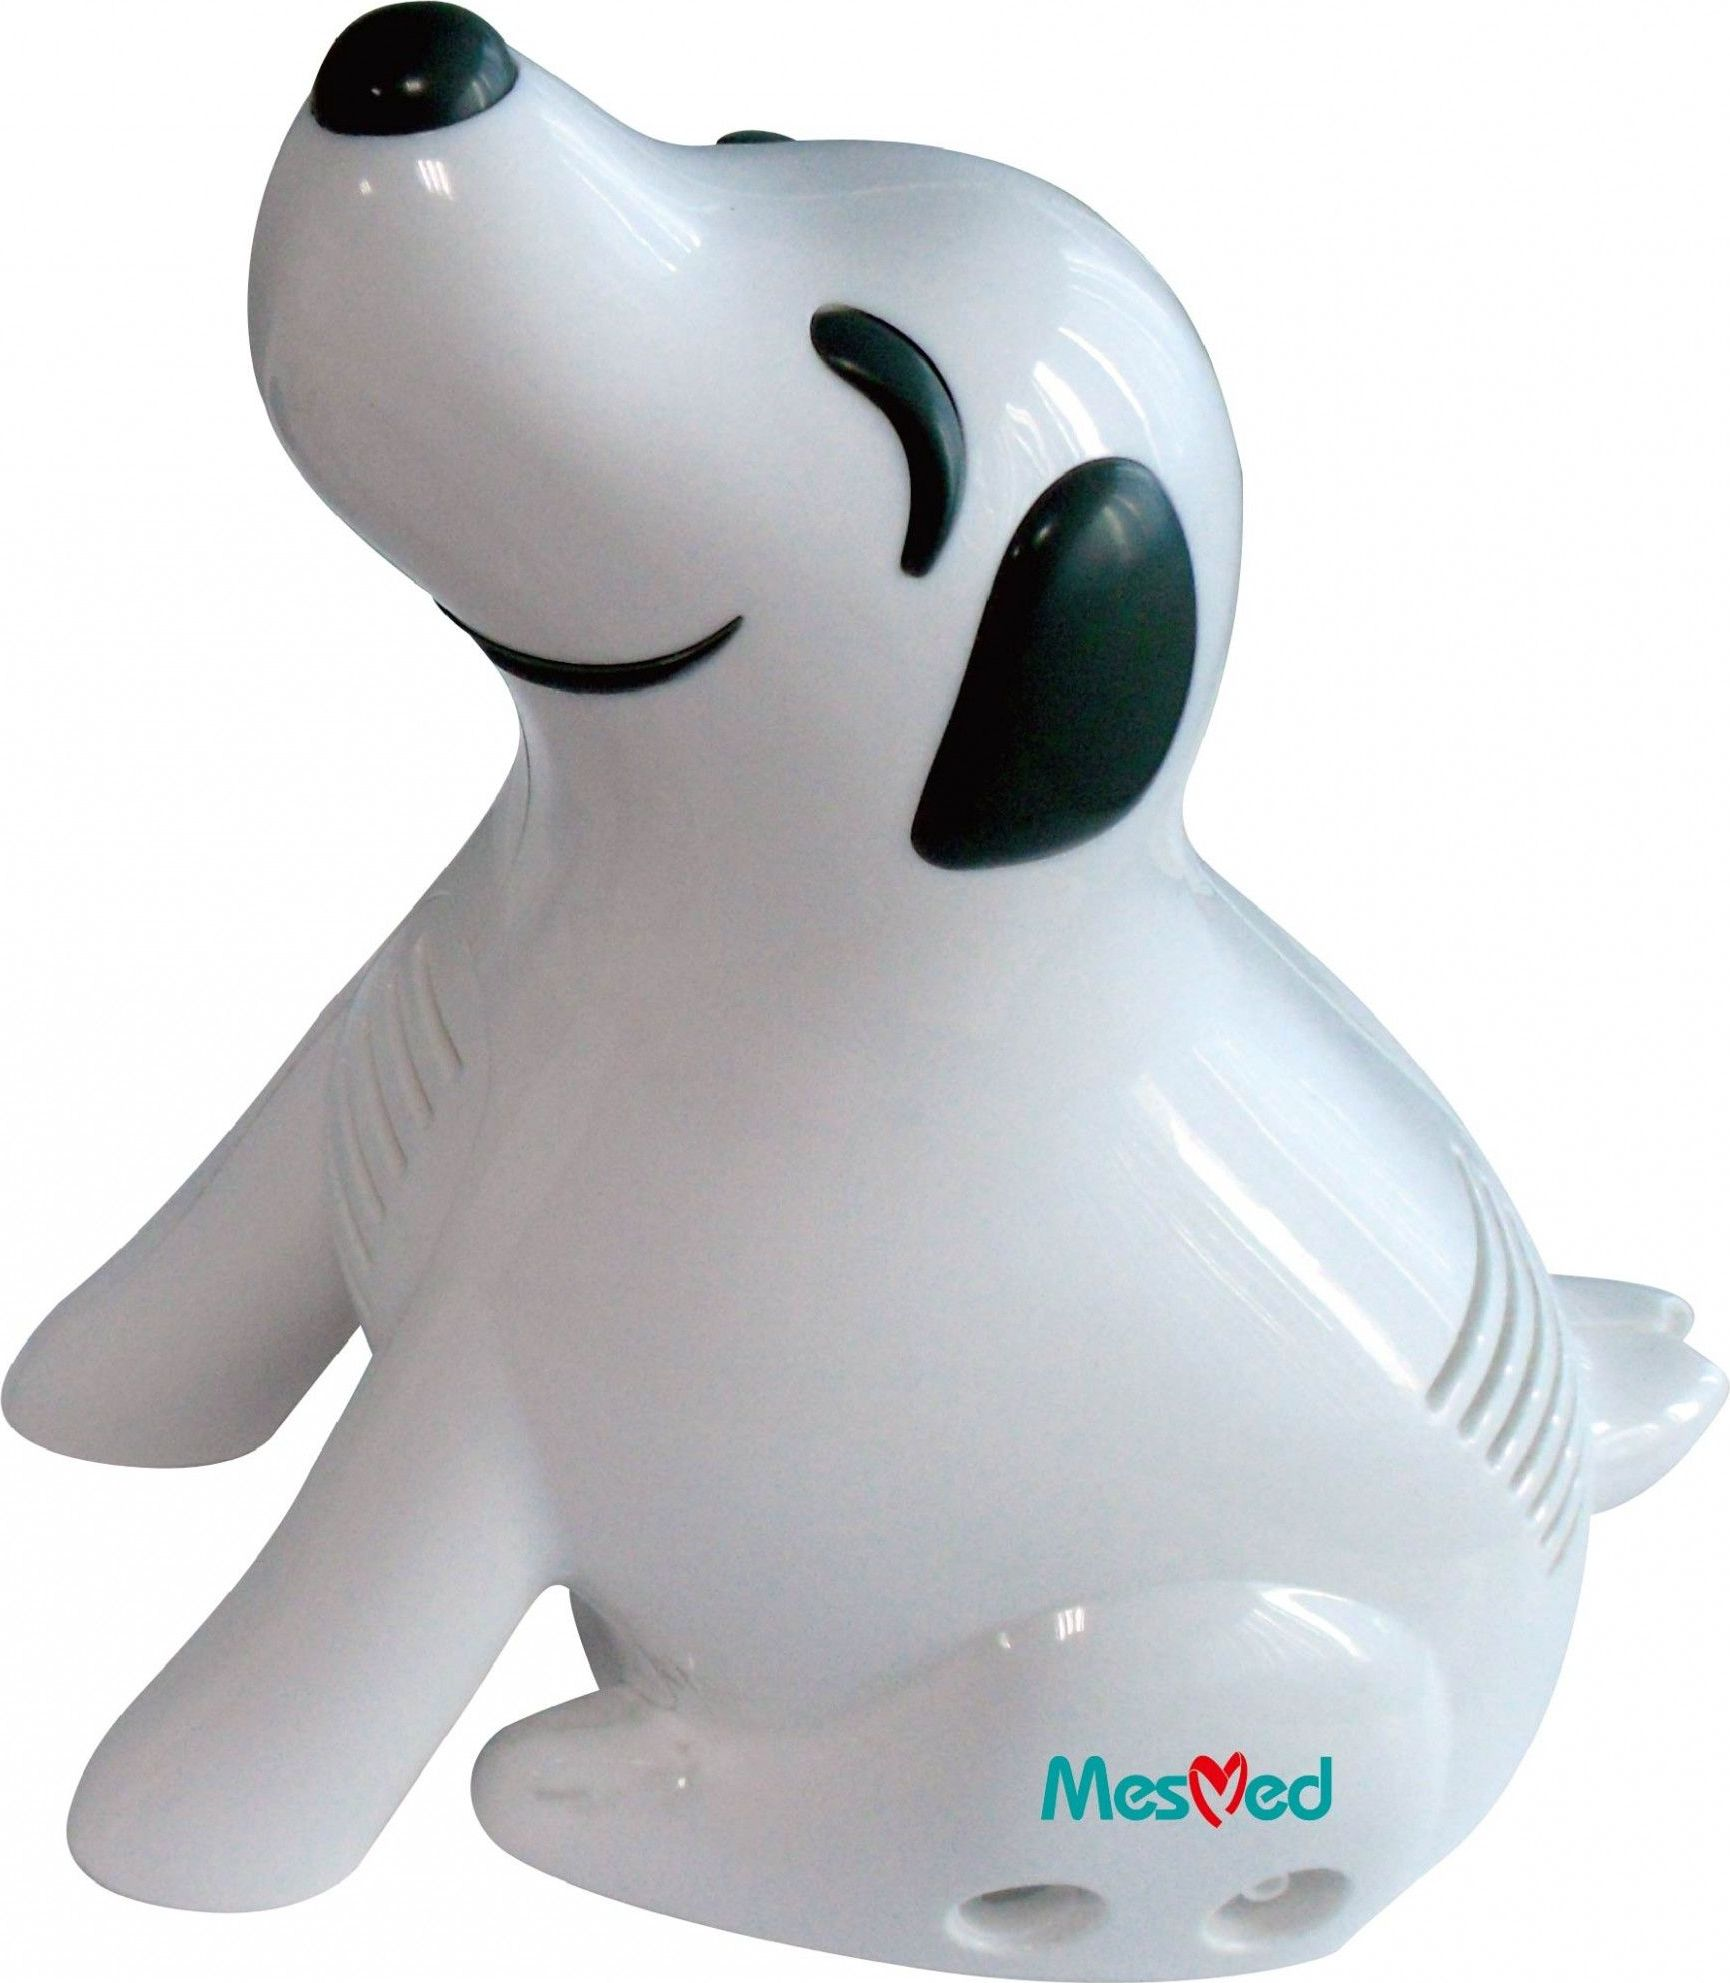 MesMed MesMed Inhalator MM 500 PIESIO MM 500 inhalators